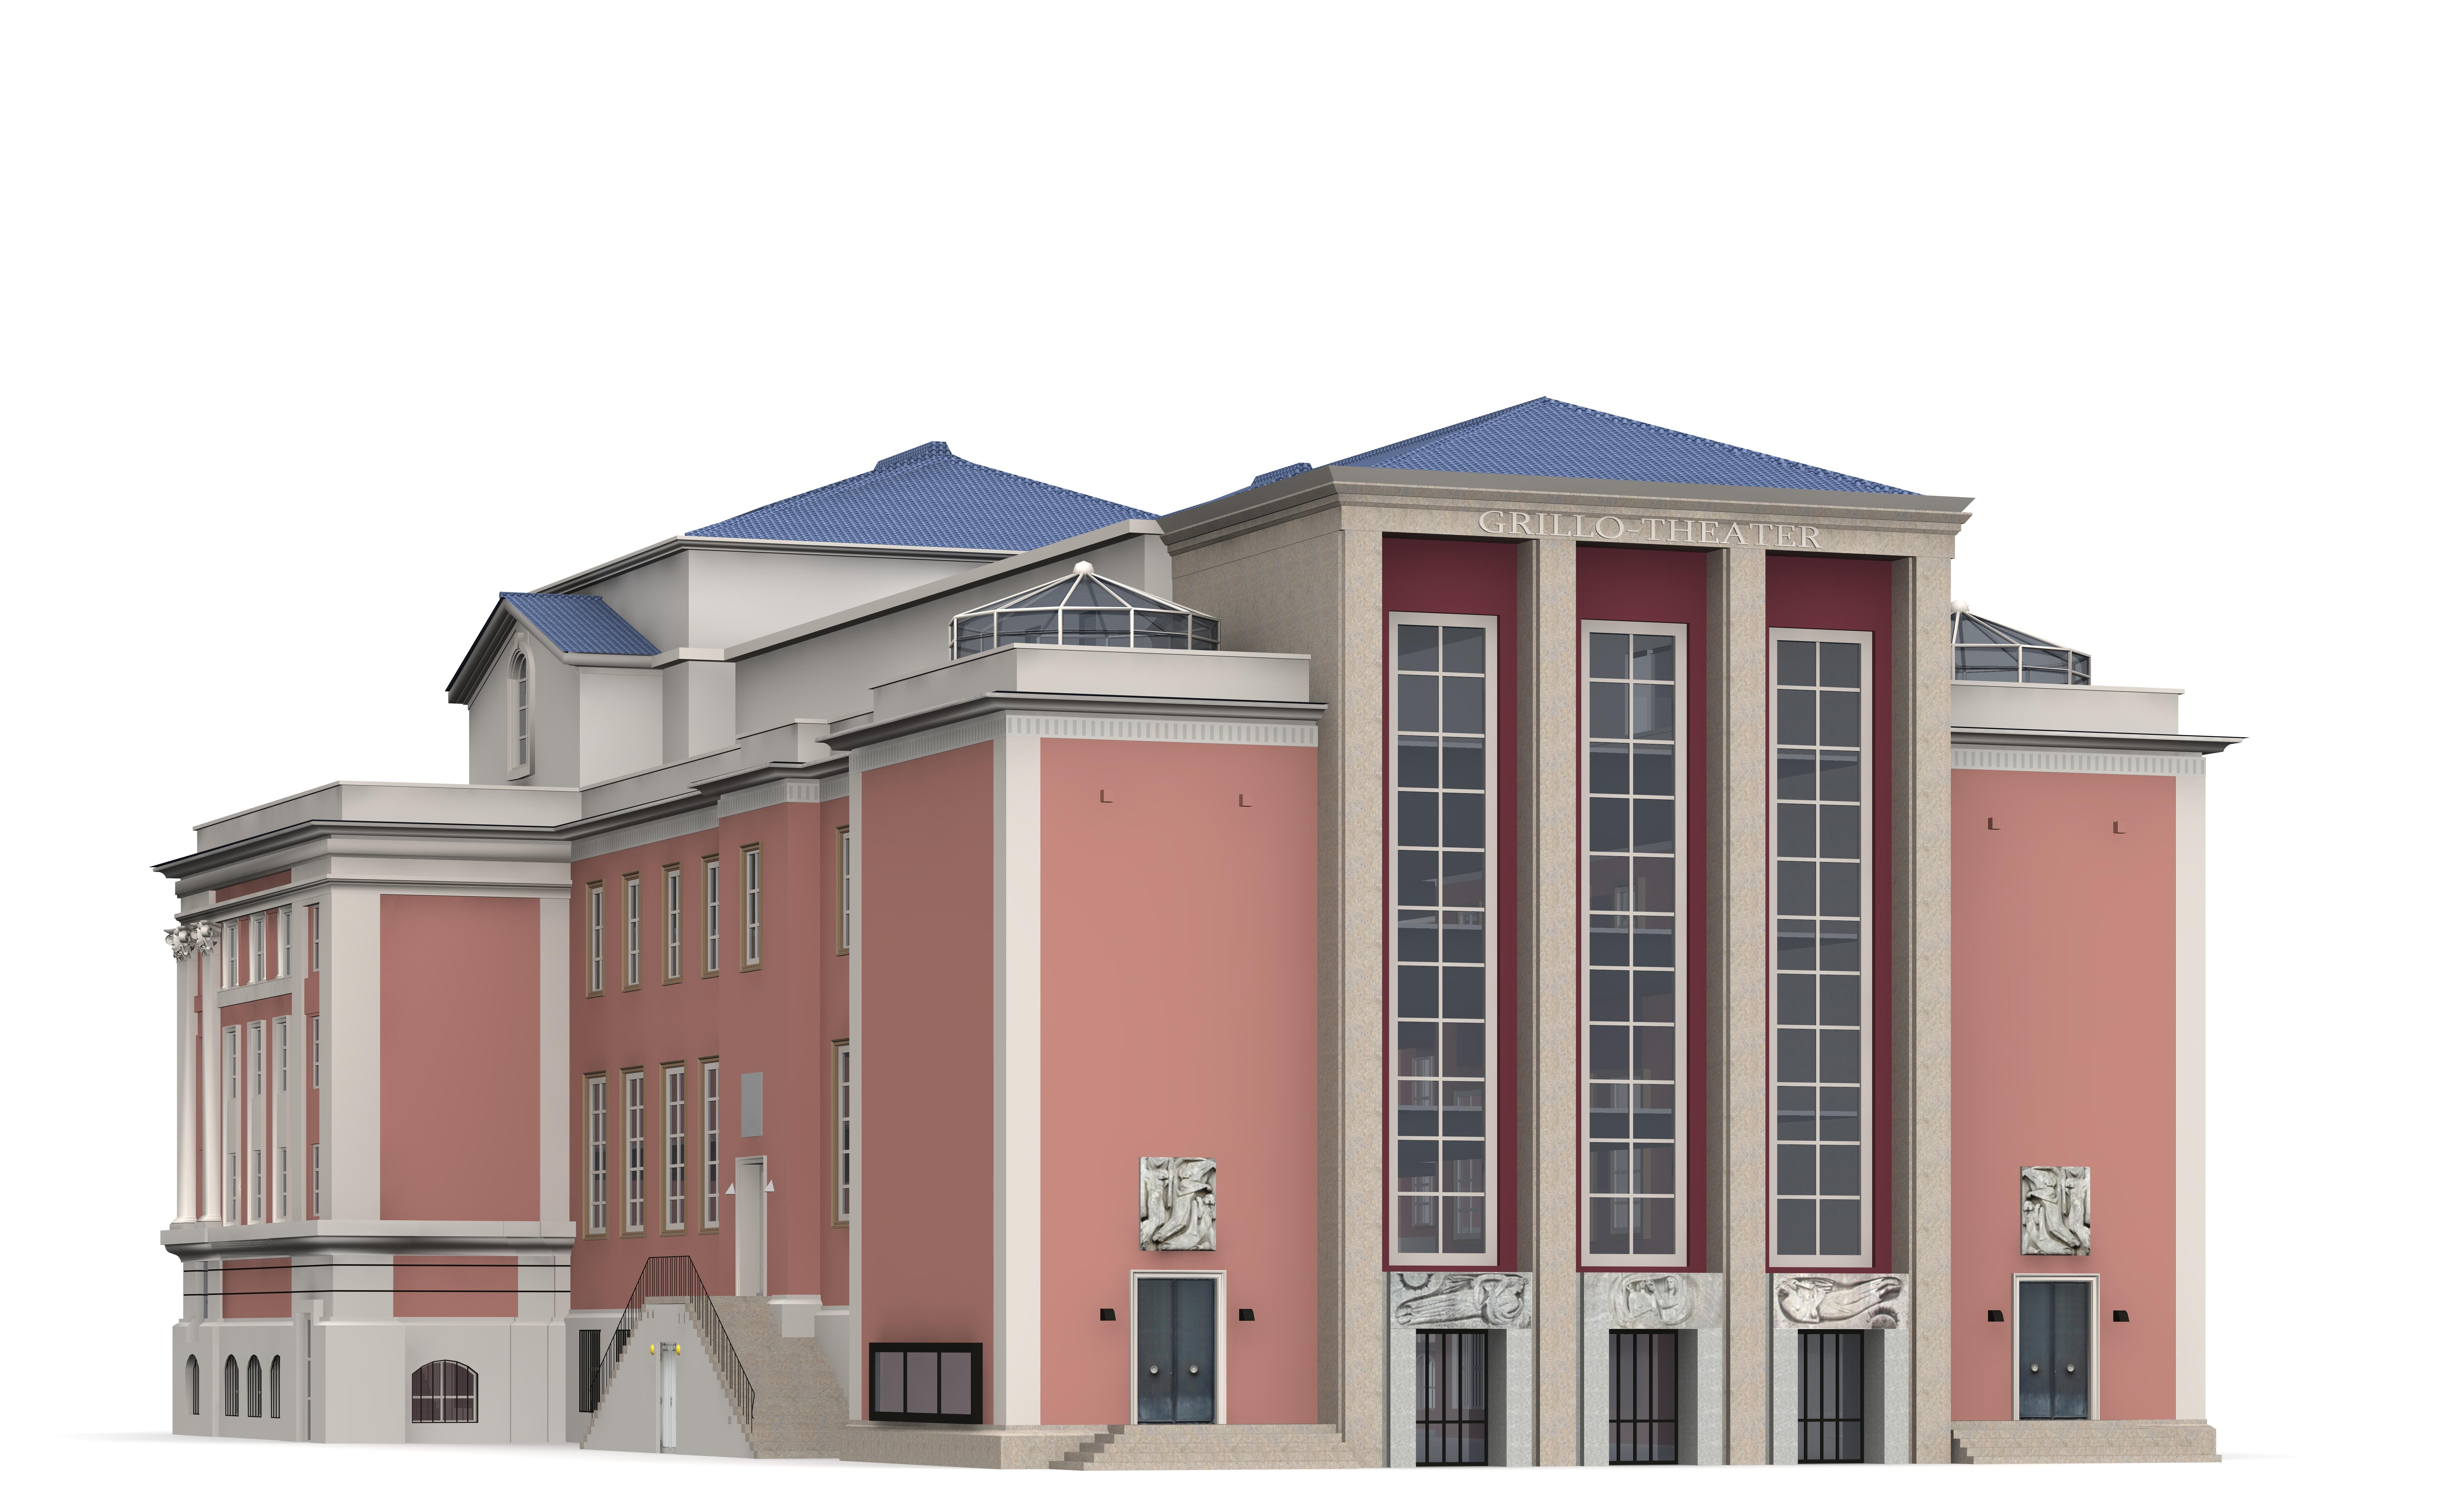 Grillo theatre 3d model max 3ds c4d dae skp for Theatre model